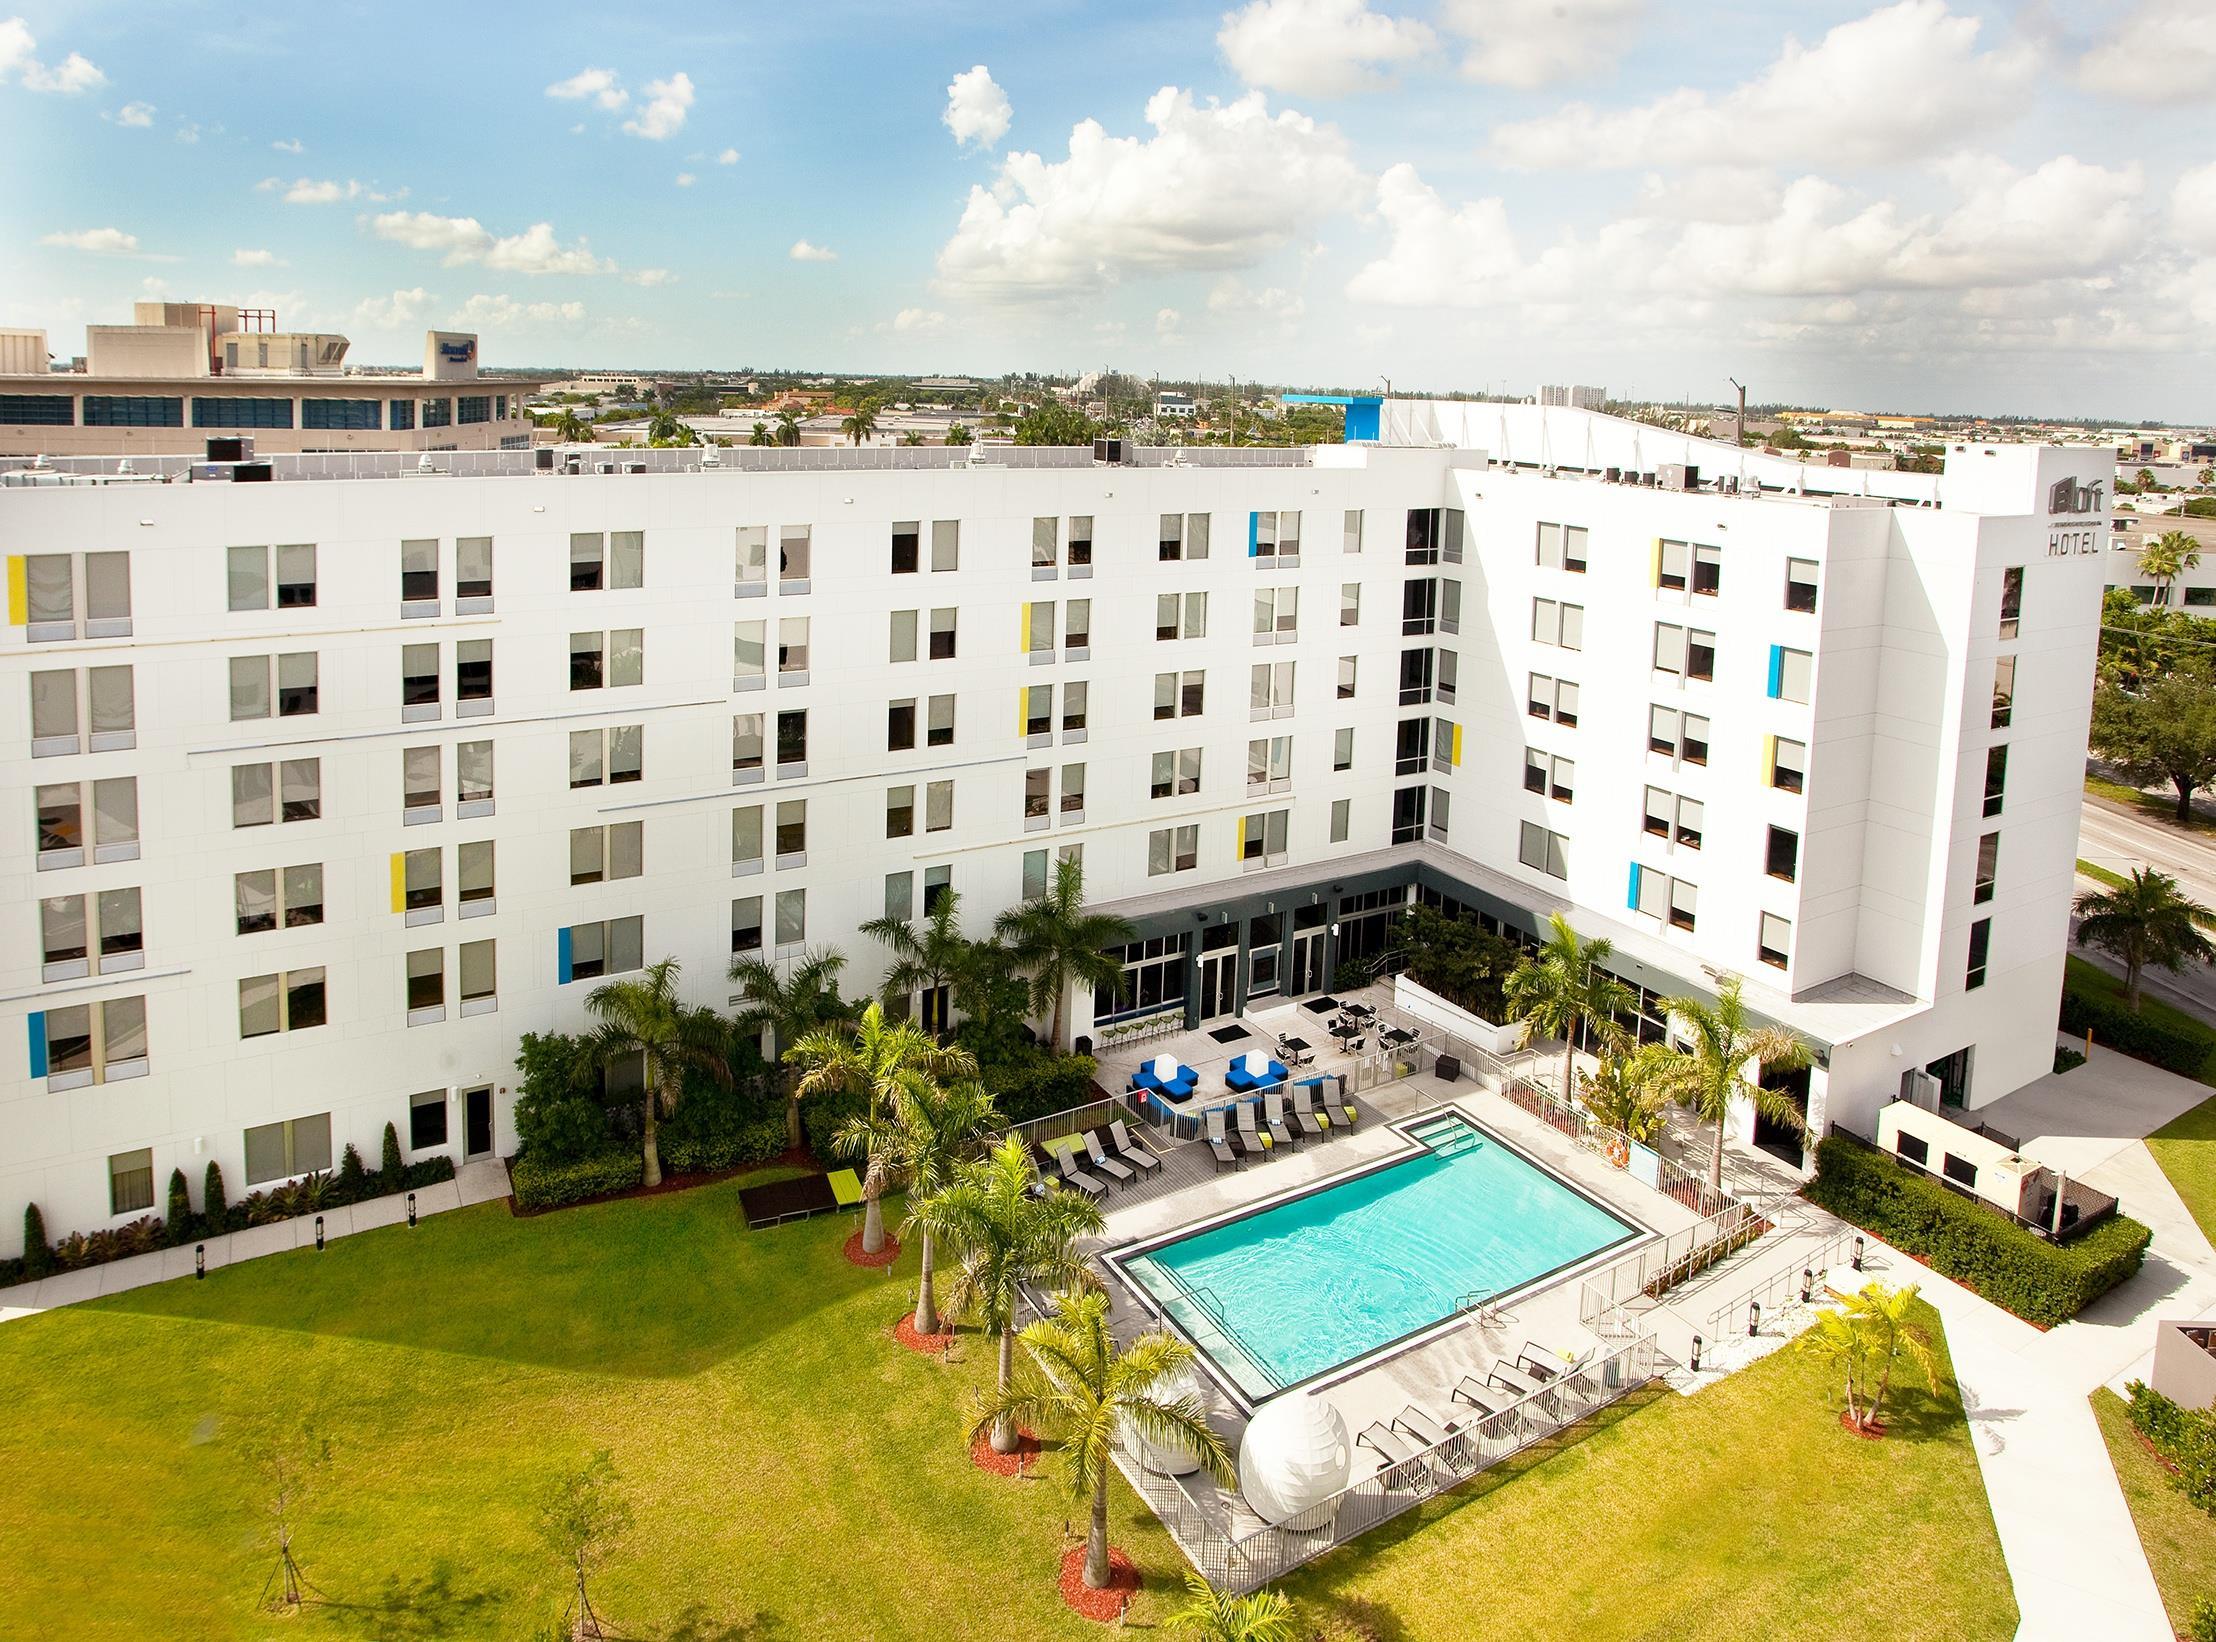 Aloft Miami Doral At 3265 Nw 107th Avenue Miami Fl On Fave